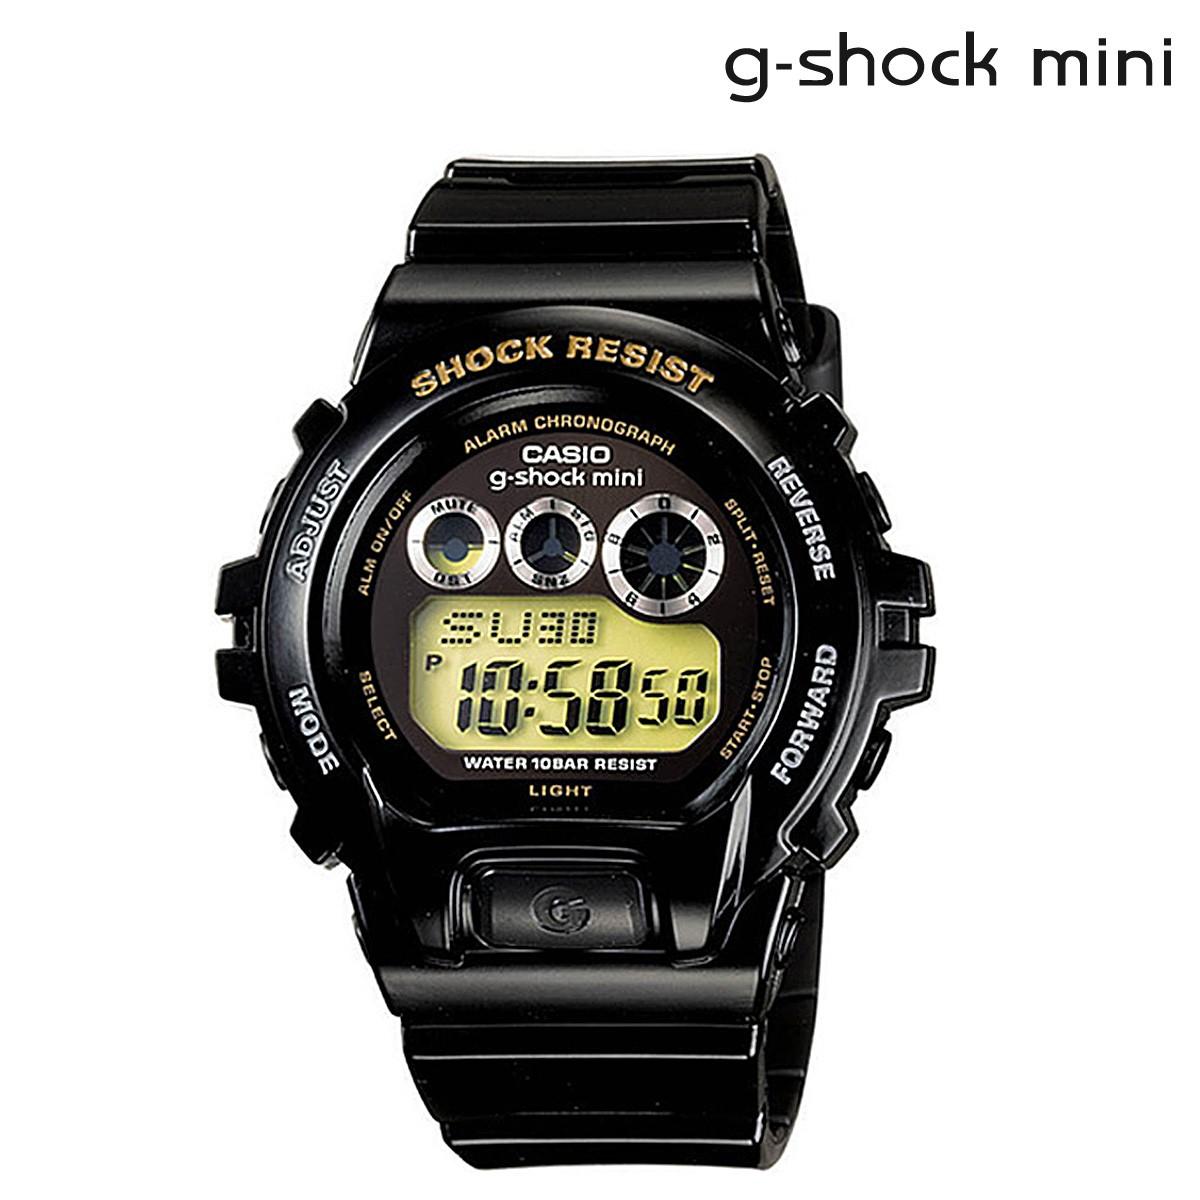 カシオ CASIO g-shock mini 腕時計 GMN-691G-1JR ジーショック ミニ Gショック G-ショック レディース [3/8 追加入荷]